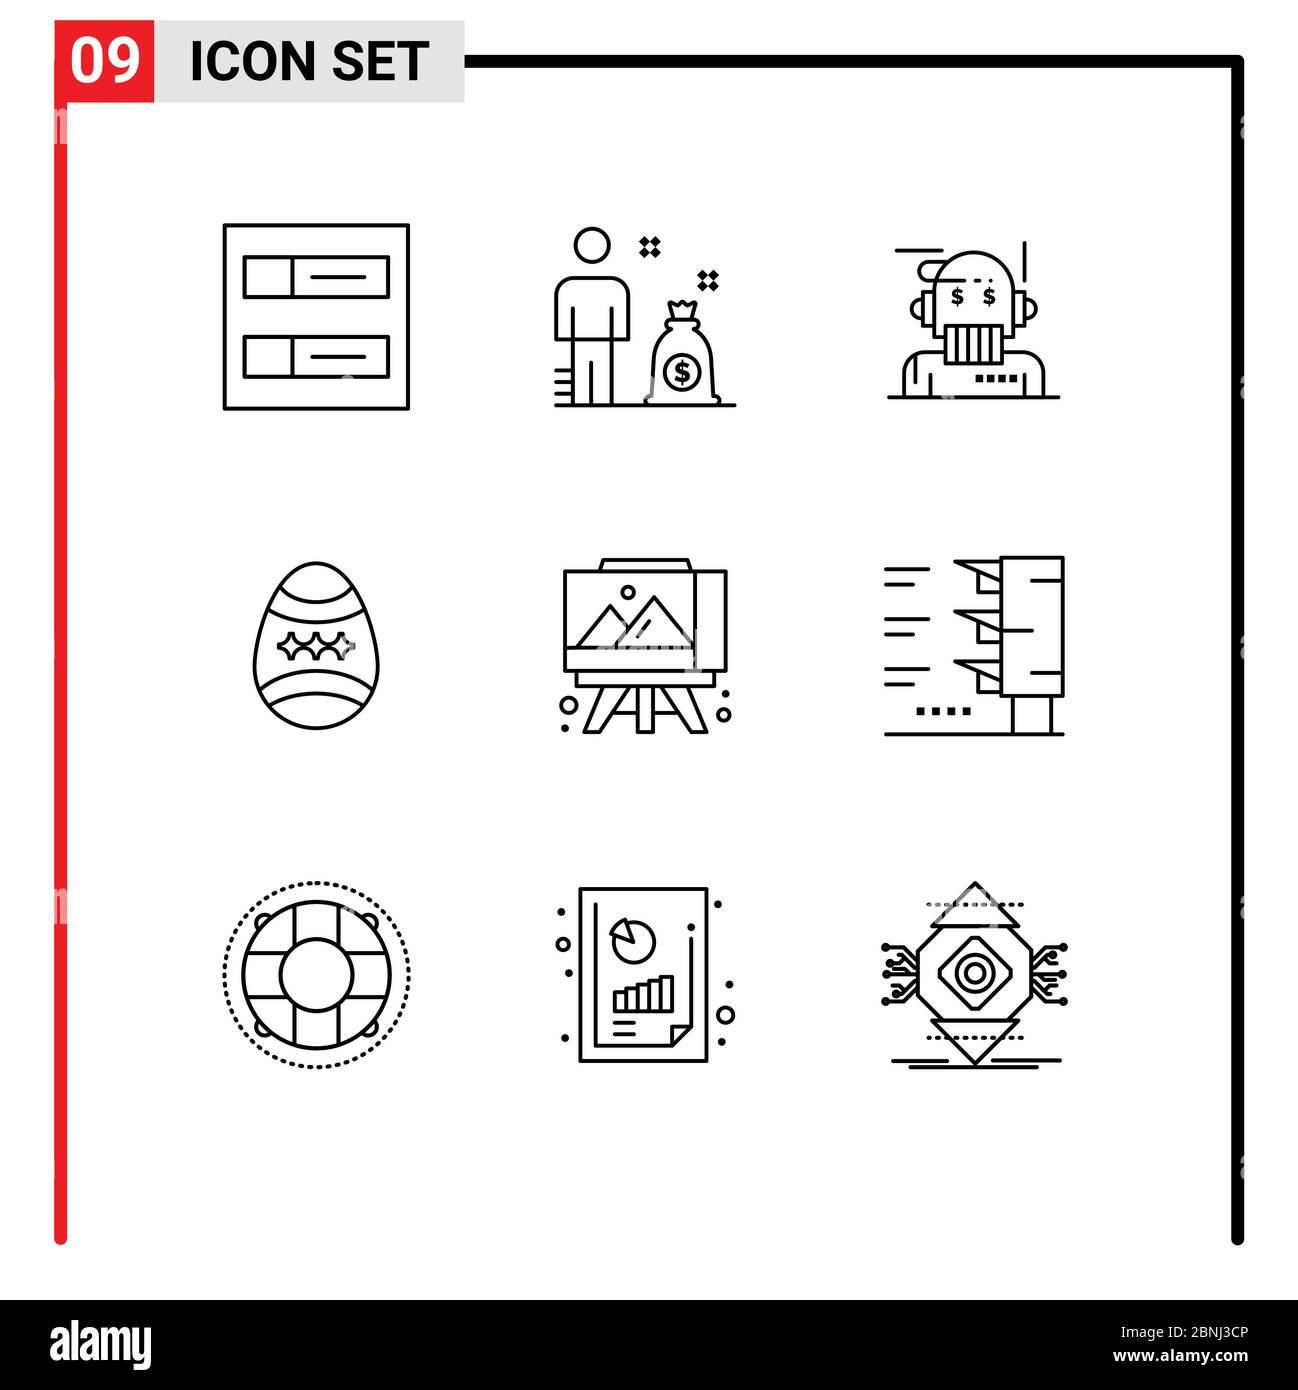 Set von 9 modernen UI Icons Symbole Zeichen für Kunst, Staffelei, Berater, Ei, Dekoration editierbare Vektor Design-Elemente Stock Vektor